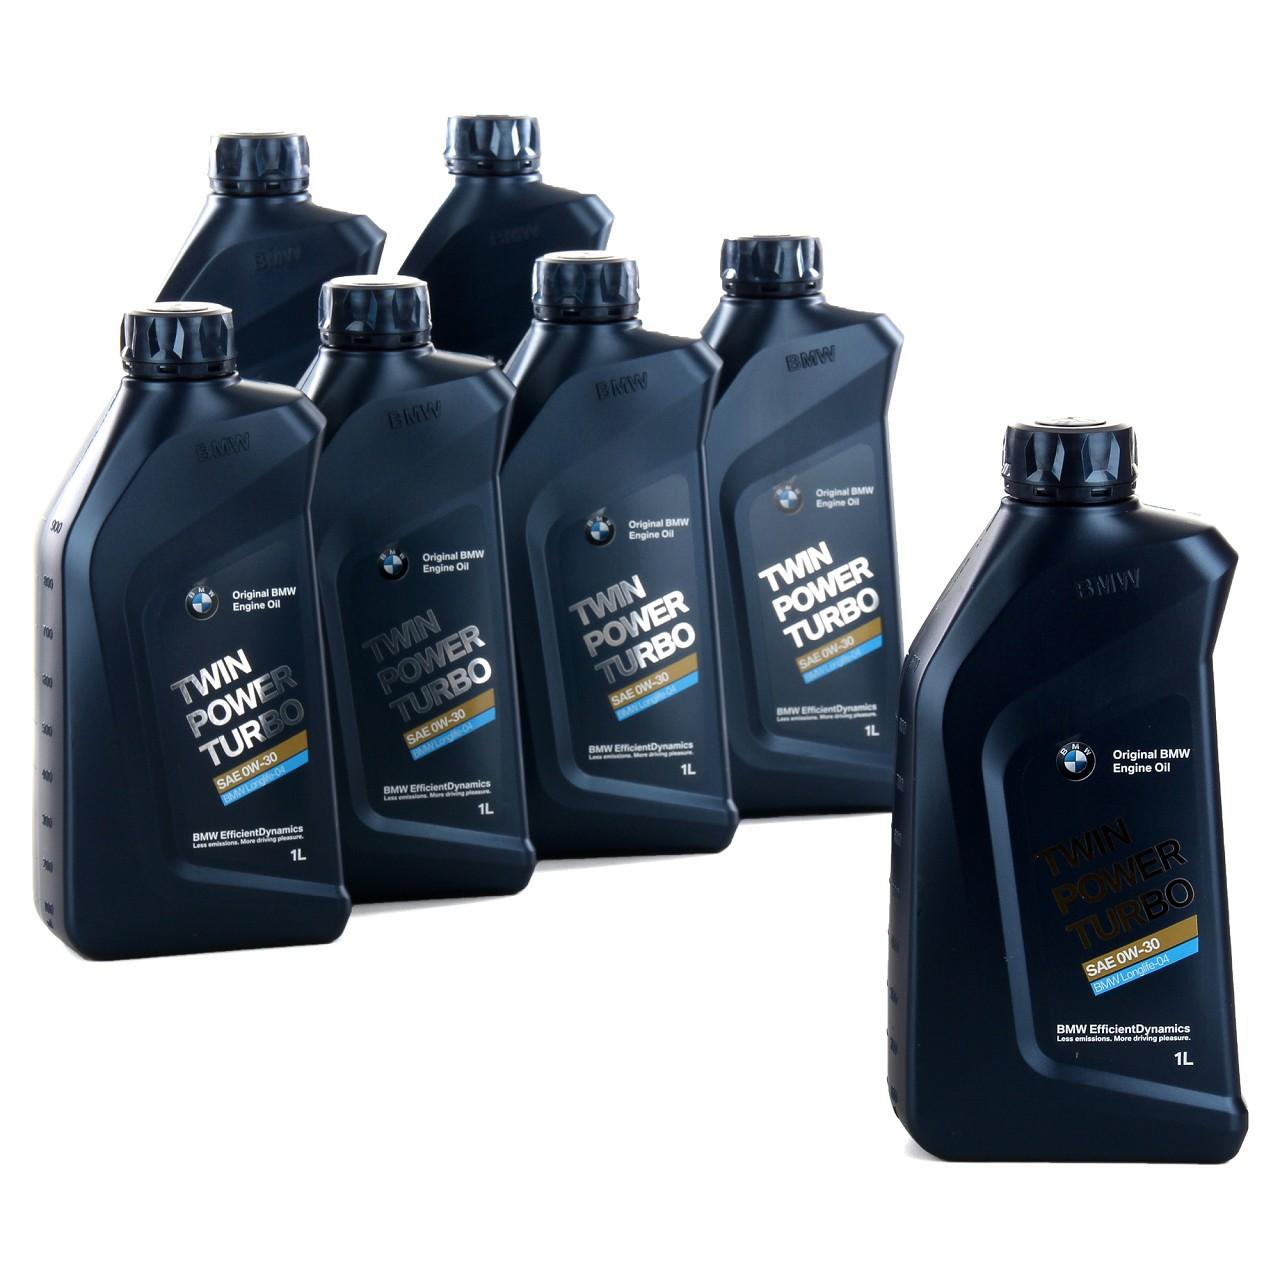 7x1 Liter ORIGINAL BMW Motoröl 0W30 Twin Power Turbo LongLife-04 83212465854